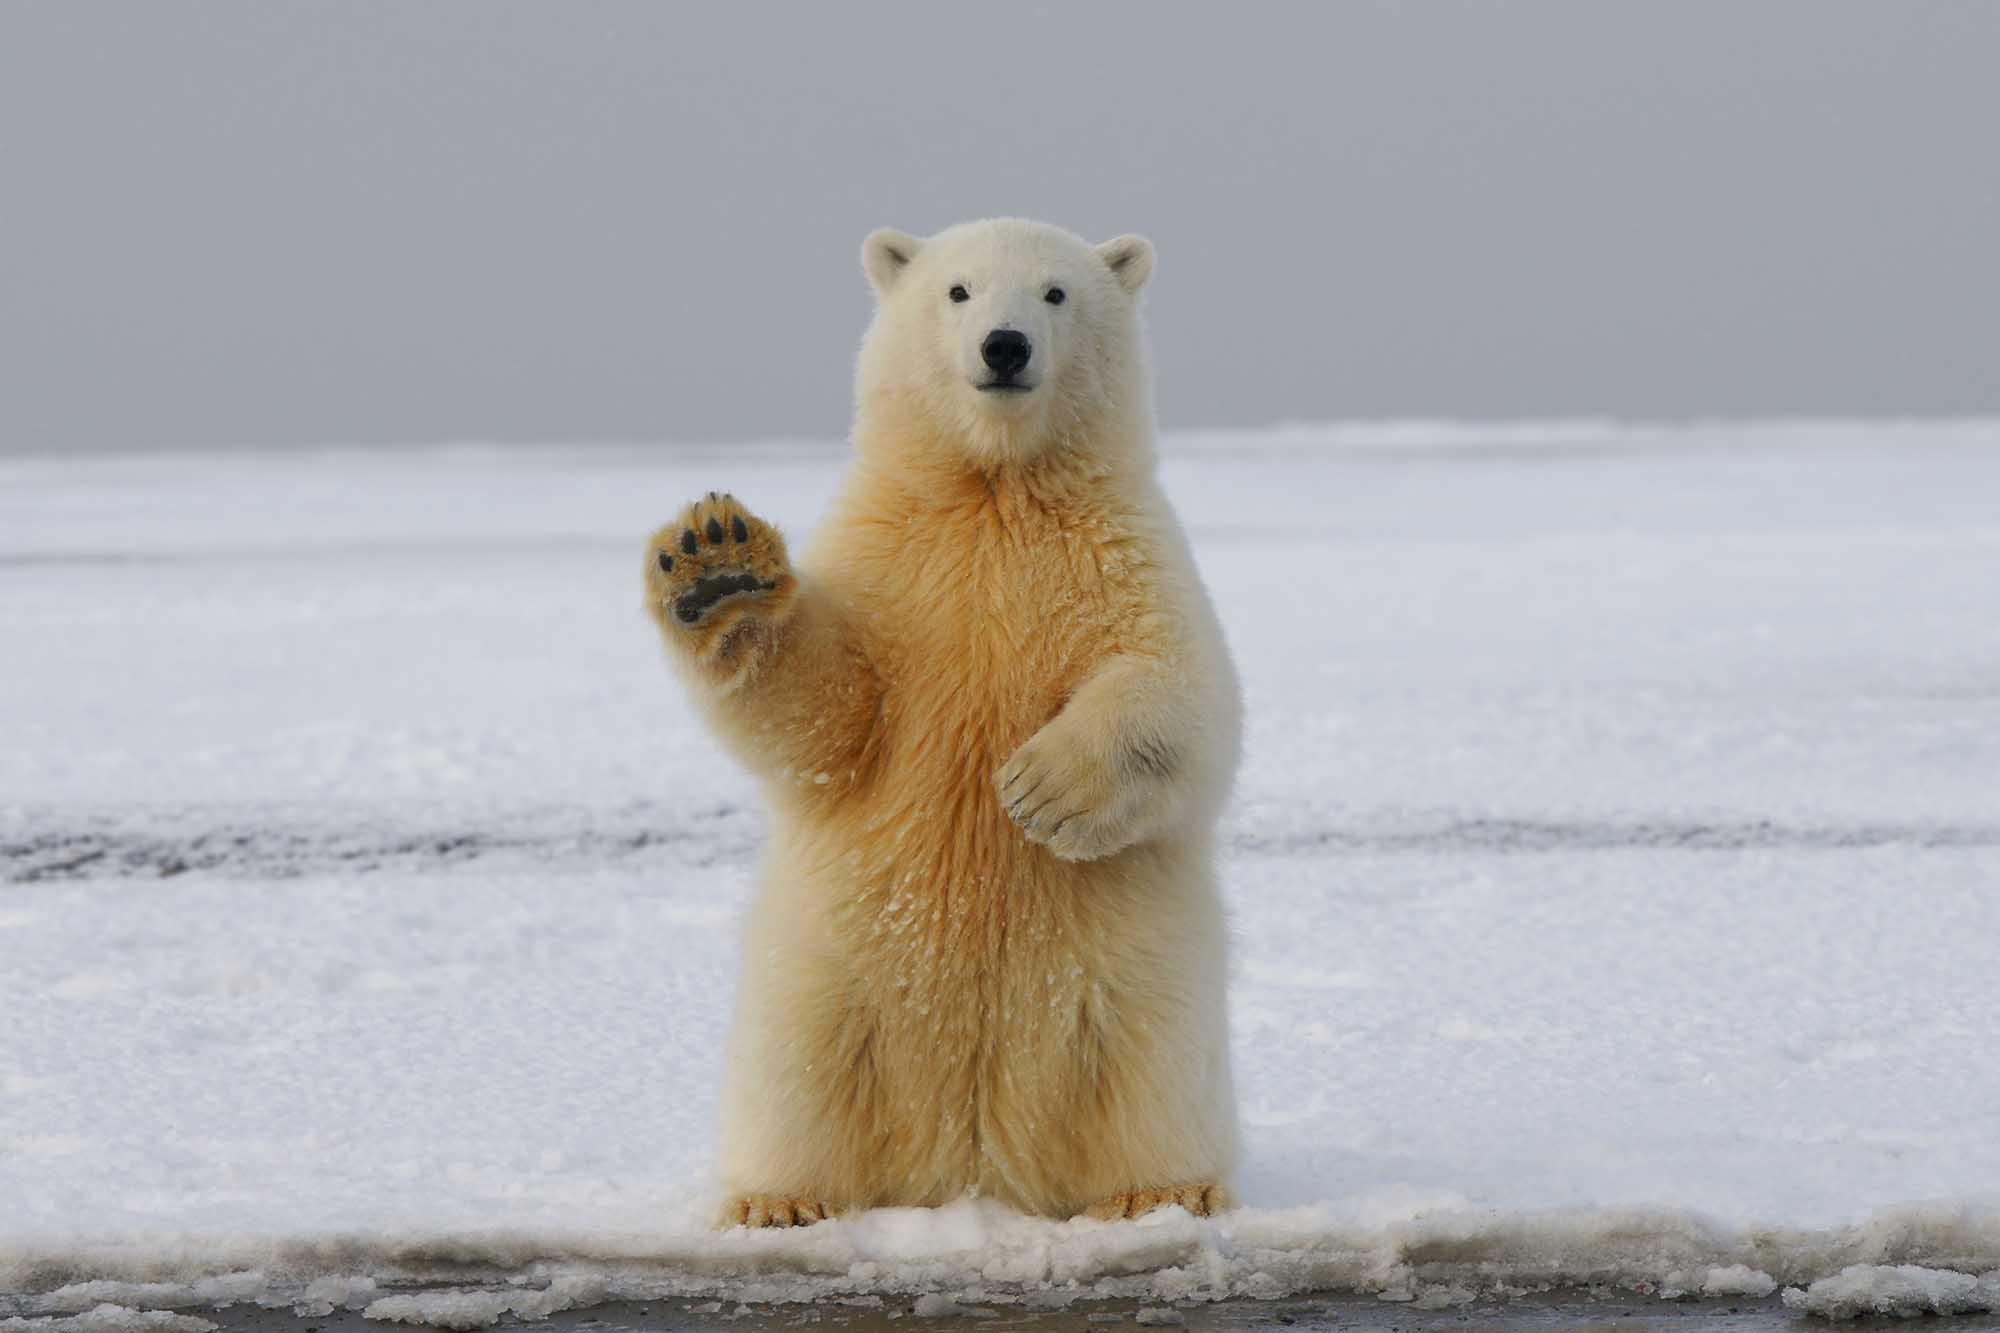 orso polare - piscologia brescia